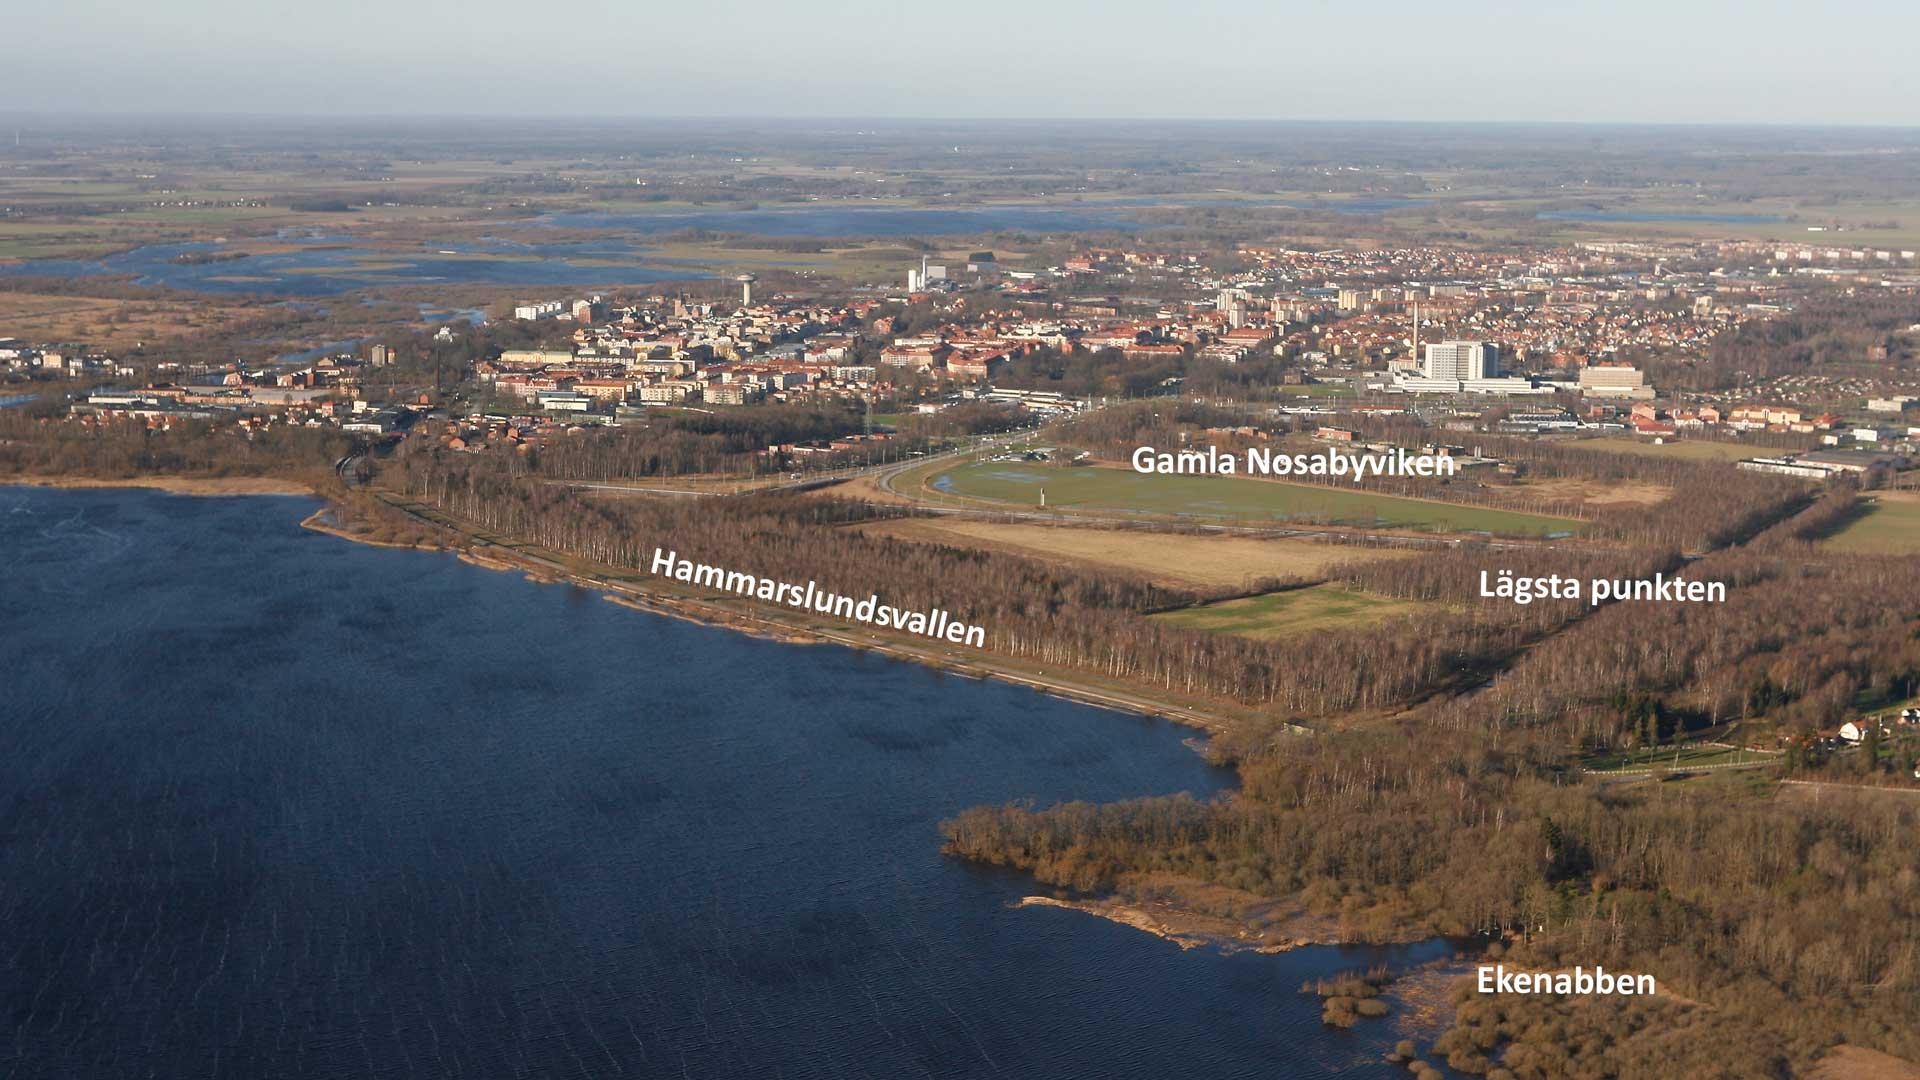 Hammarslundsvallen snörper av den före detta Nosabyviken. Foto: Patrik Olofsson/N